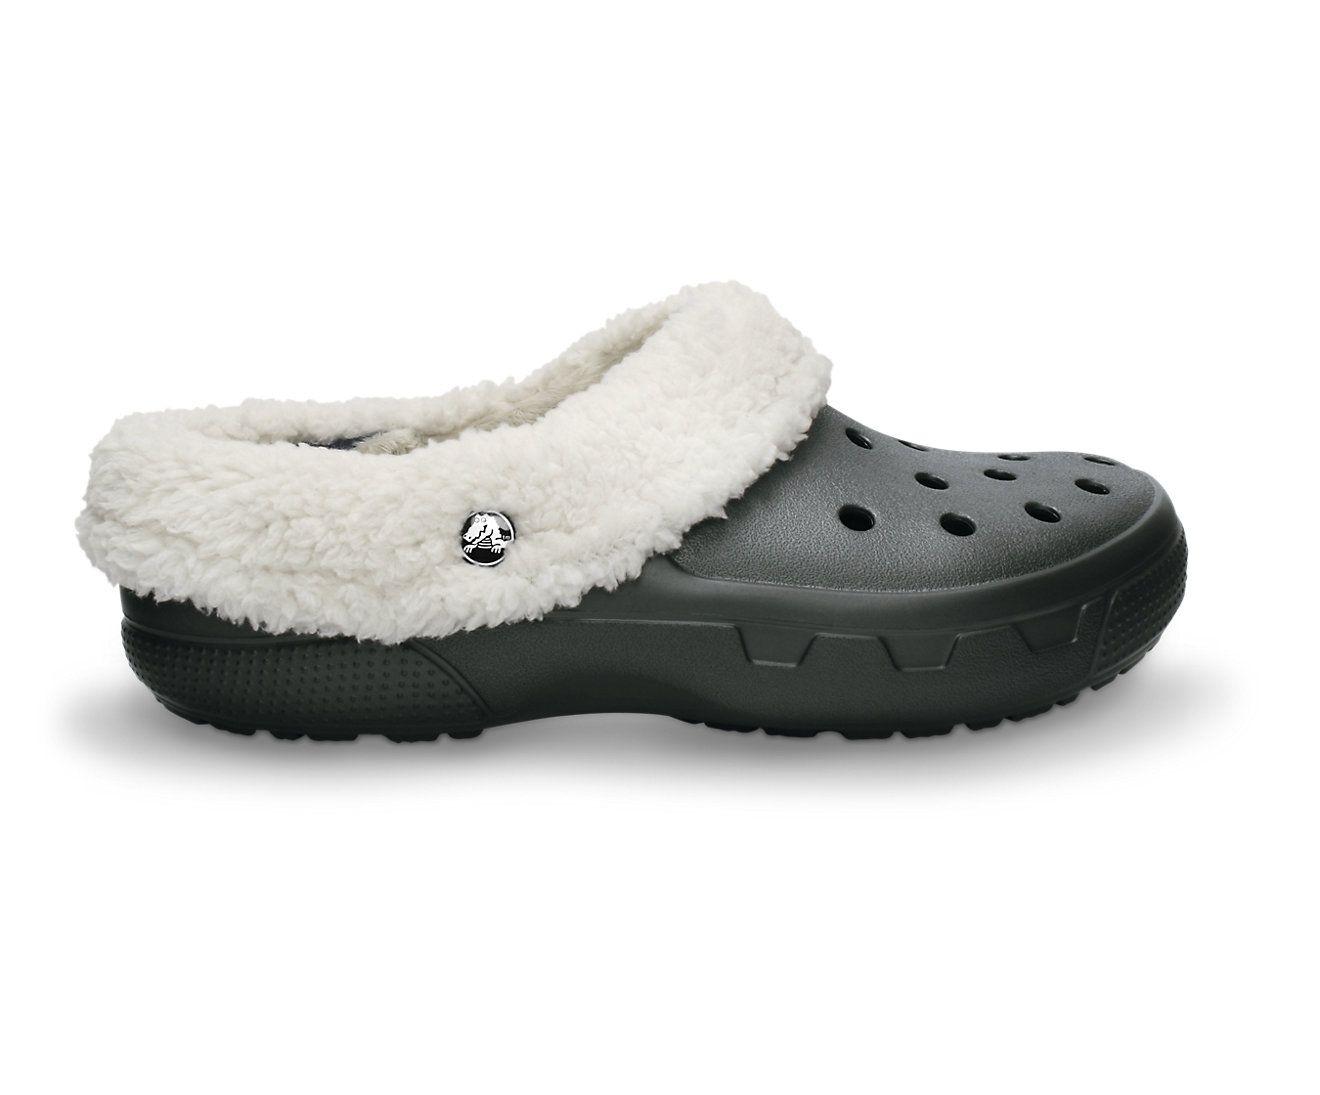 Fur lined boots, Shoes, Crocs shoes